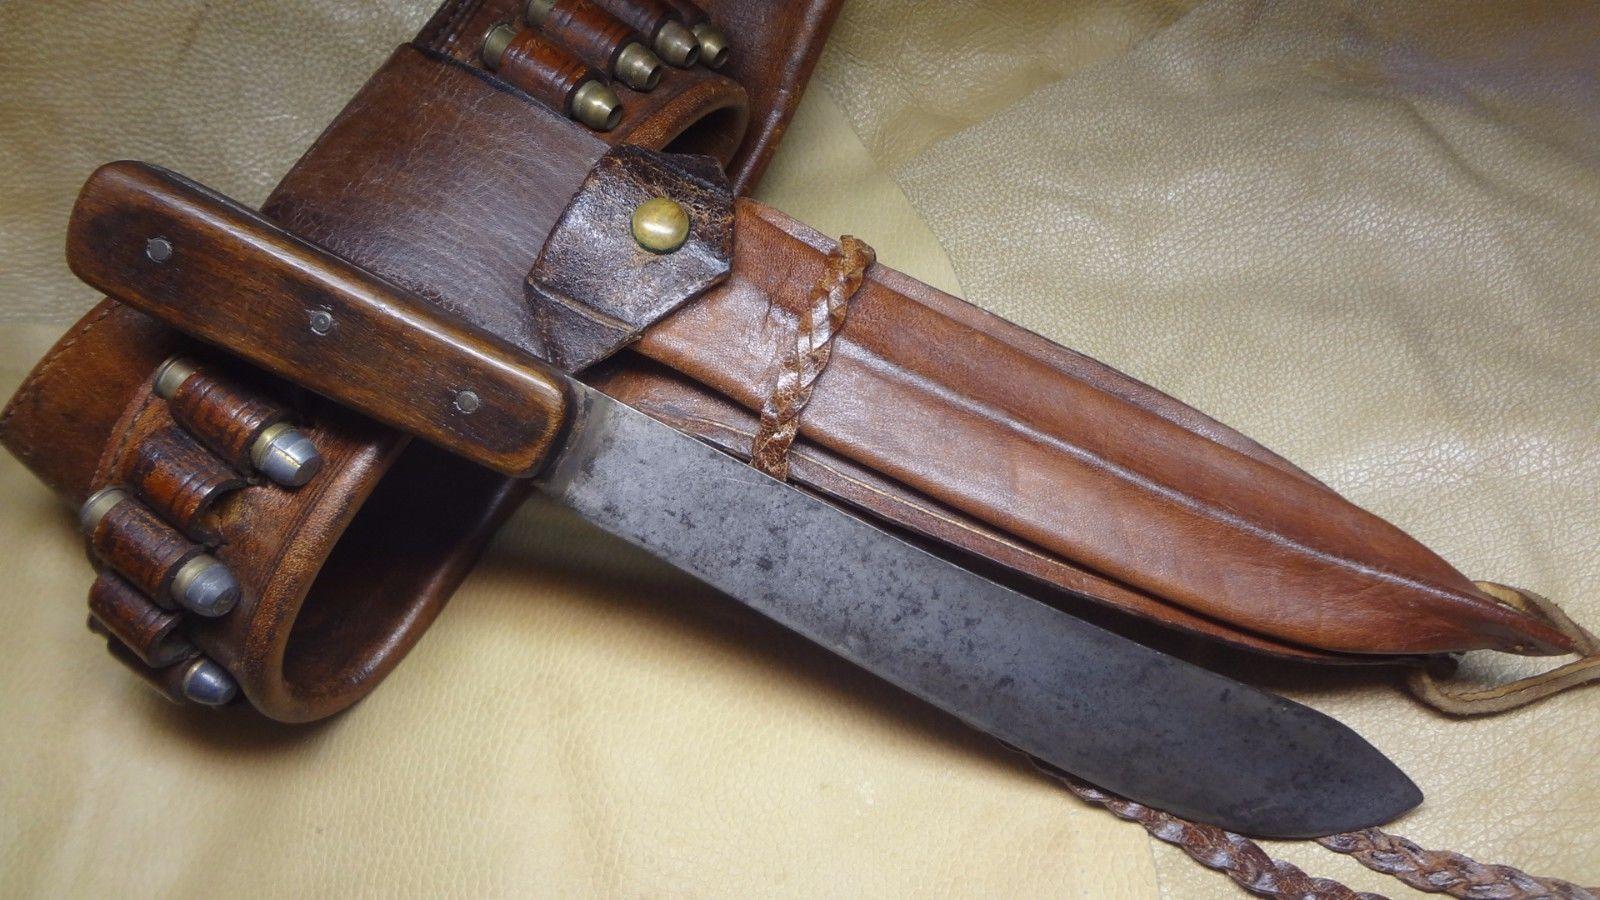 Details About Vintage Sheffield Knife Green River Knife